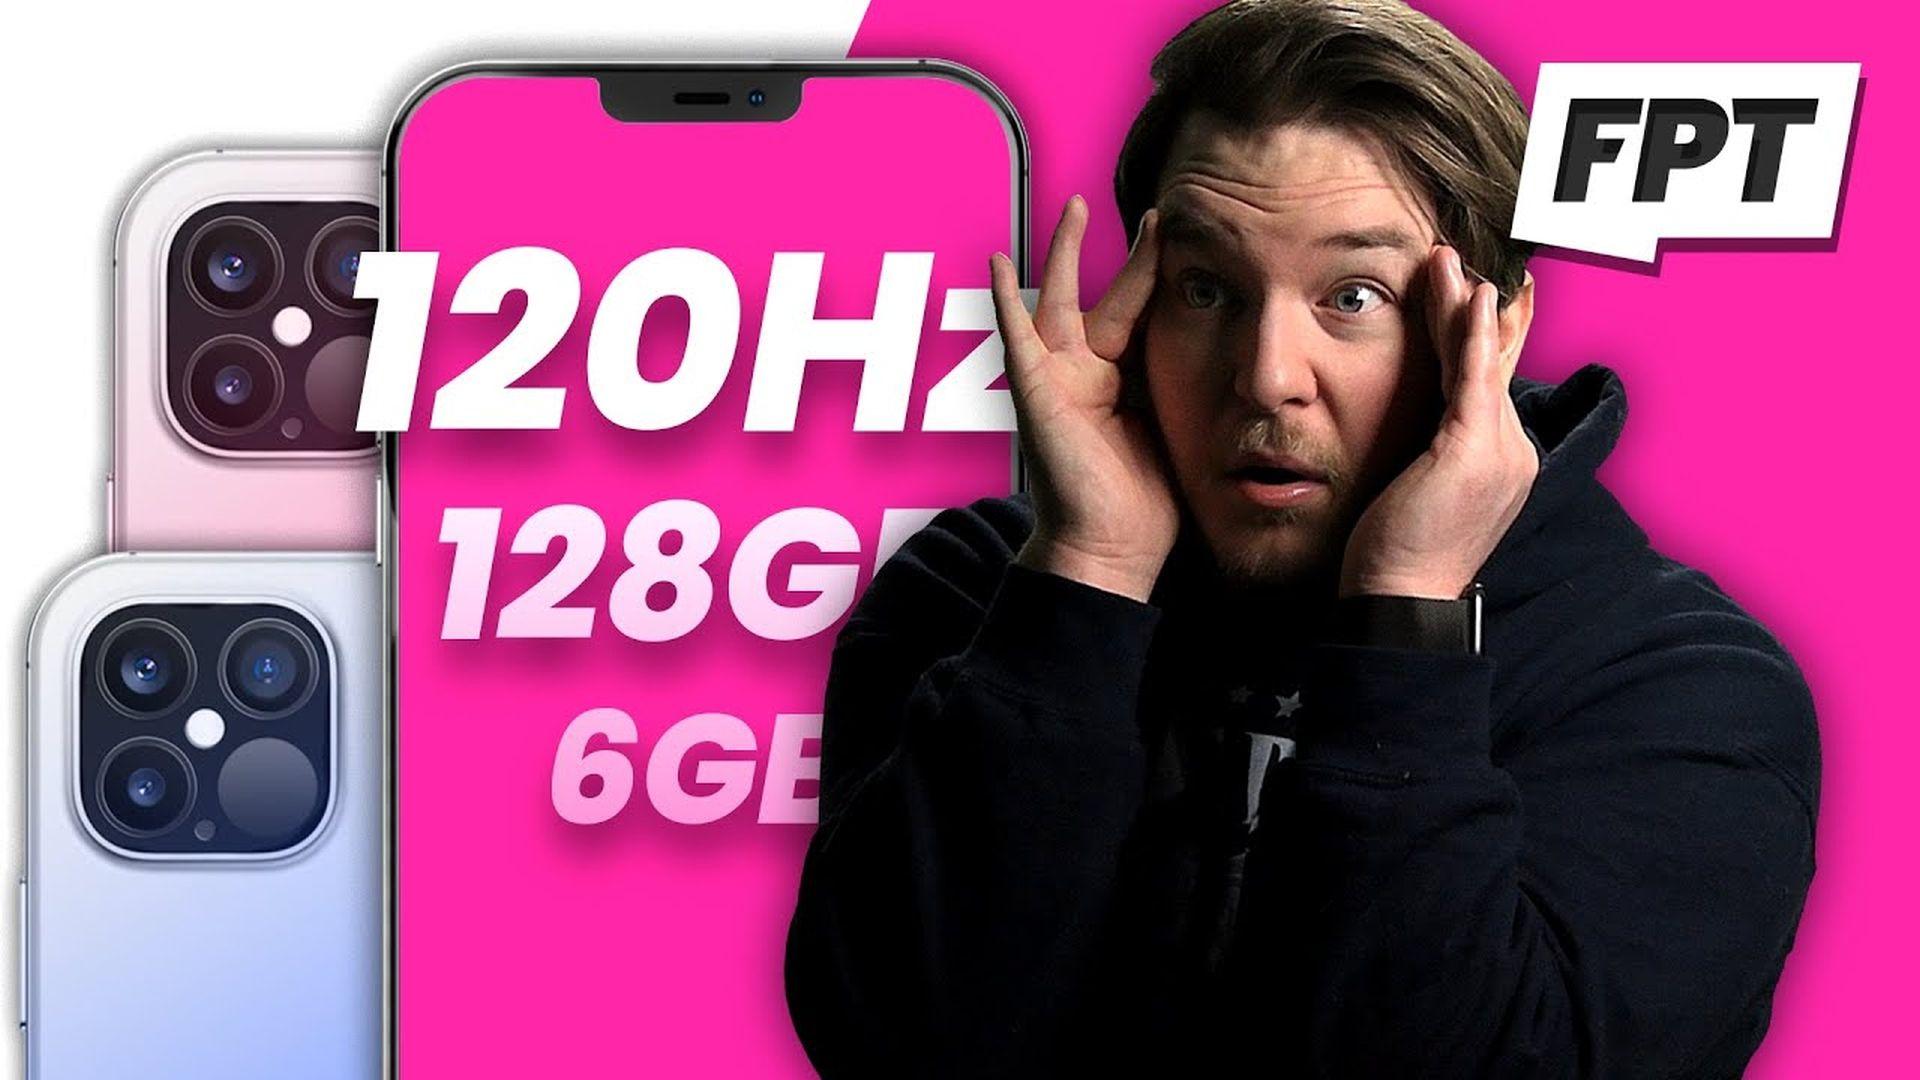 Specyfikacje techniczne tegorocznych iPhone'ów 12 i 12 Pro